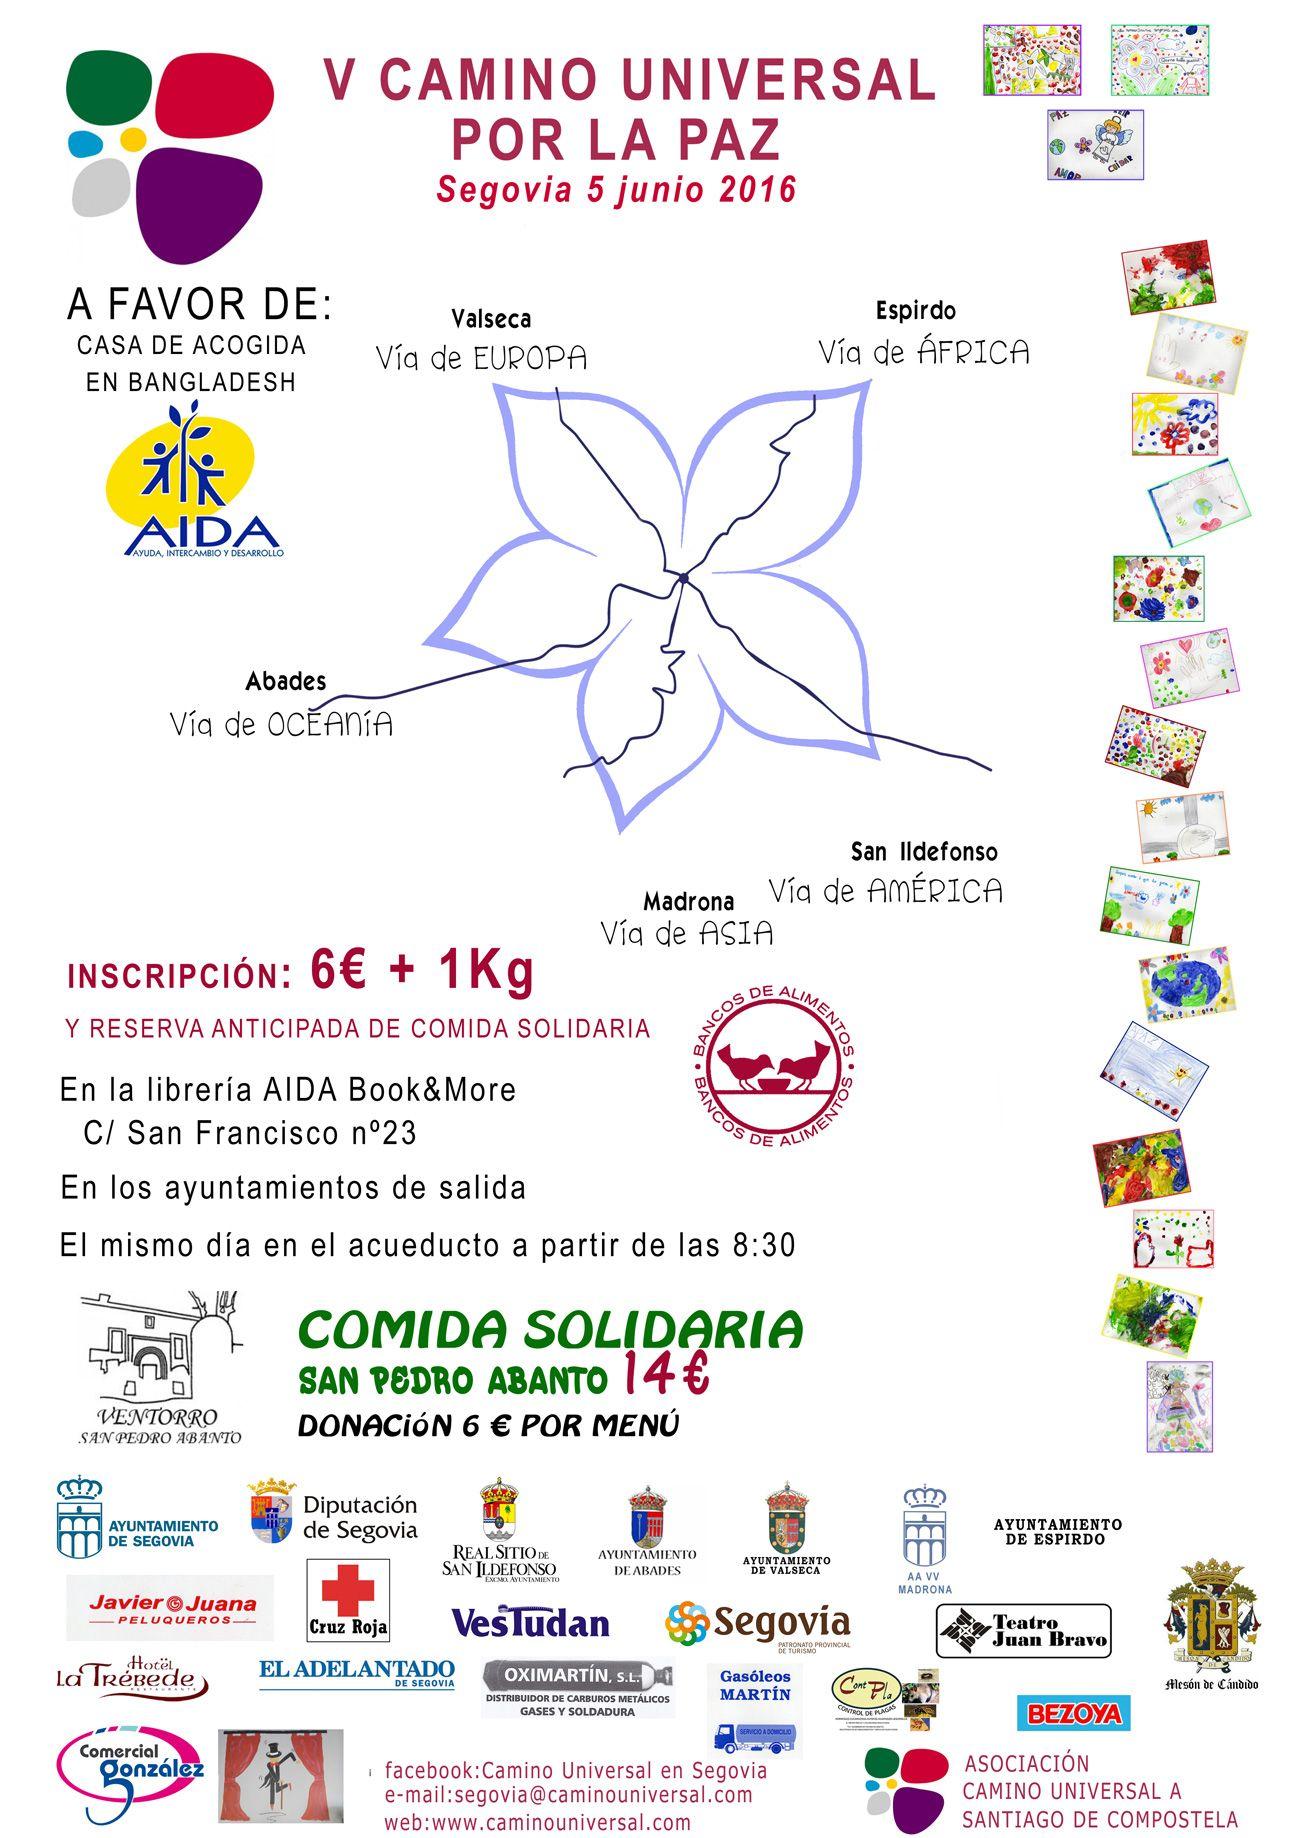 V Camino Universal por la Paz en Segovia